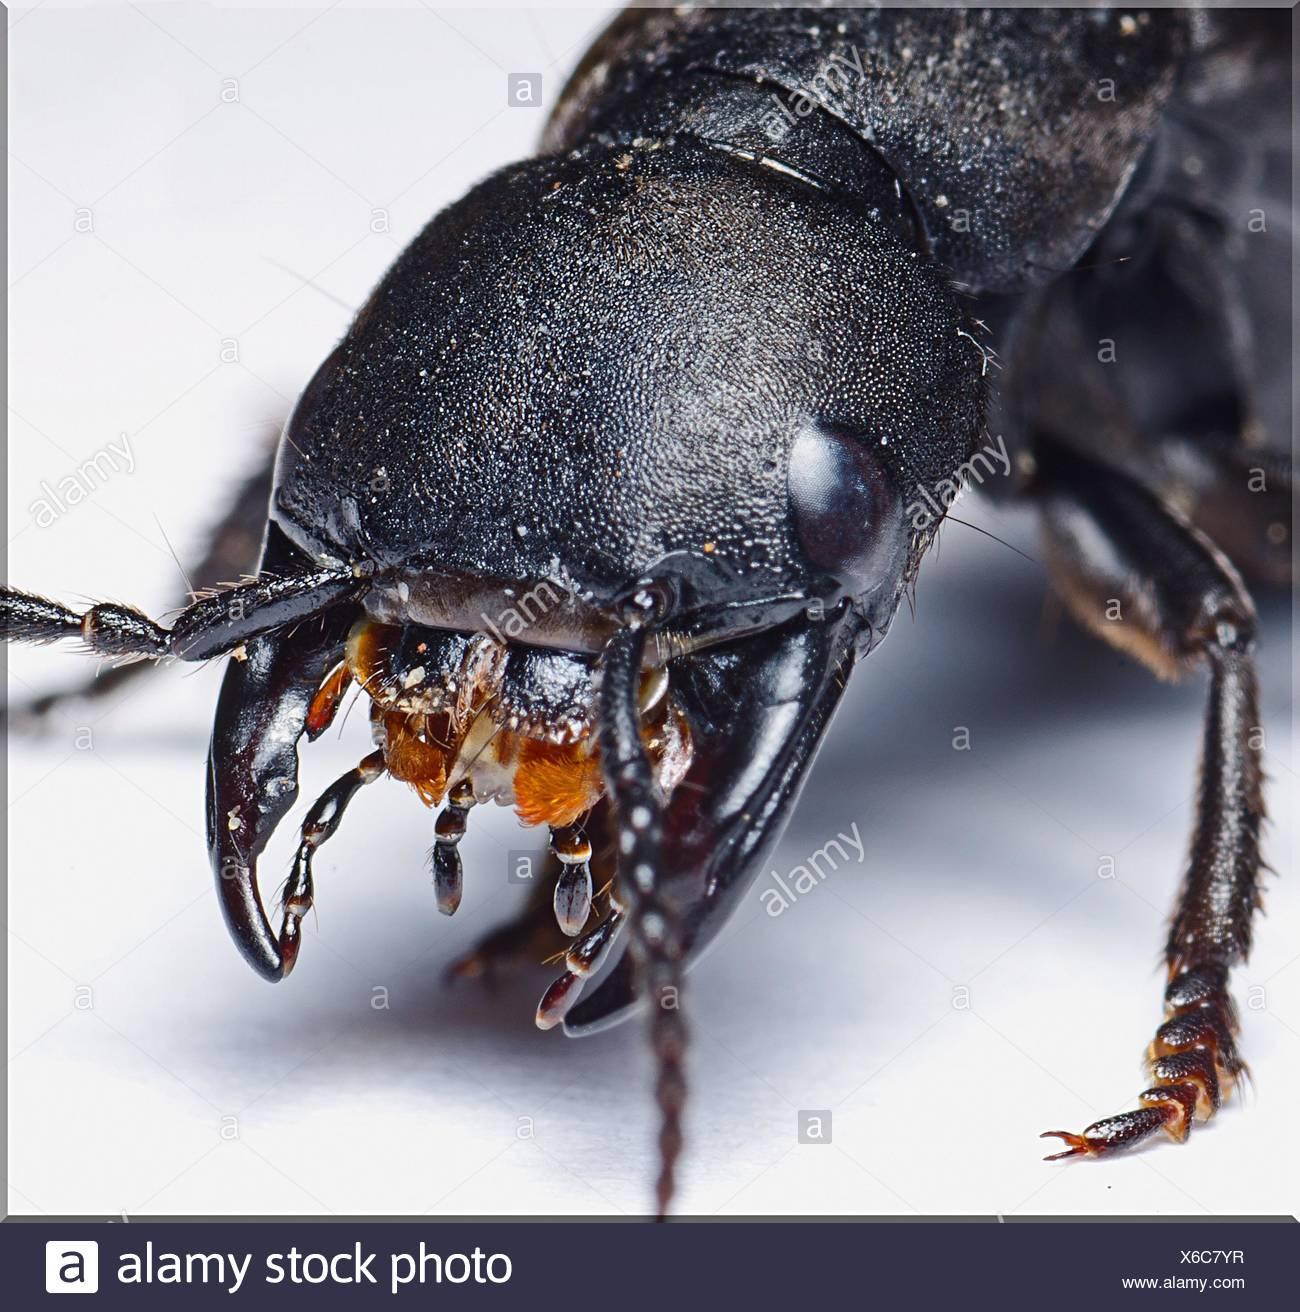 High Angle View Of schwarzes Insekt auf weißen Tisch Stockbild